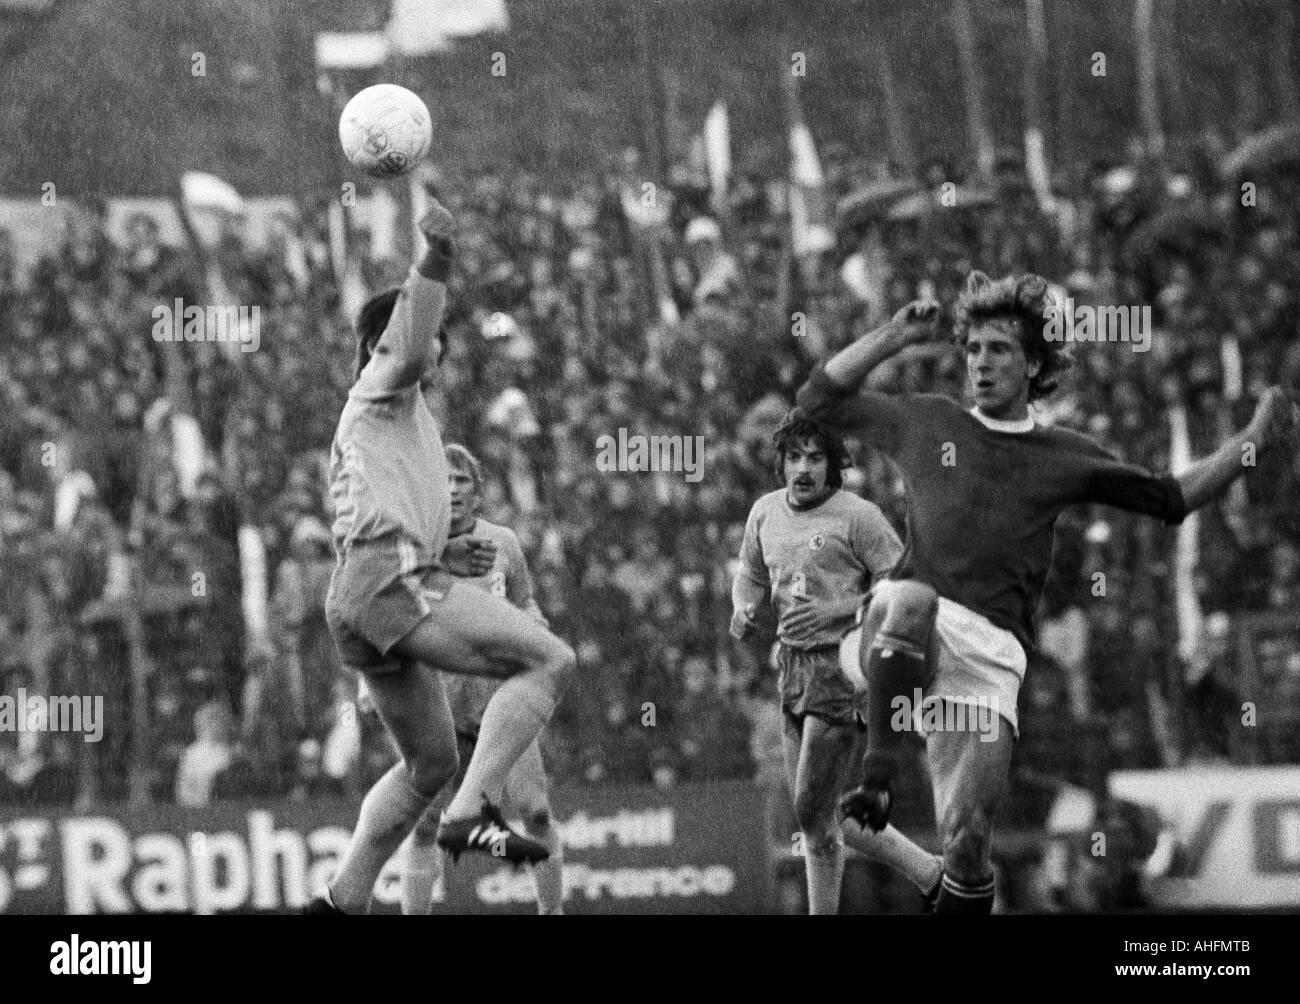 football, Bundesliga, 1971/1972, FC Schalke 04 versus Eintracht Brunswick 5:1, Glueckaufkampfbahn Stadium in Gelsenkirchen, scene of the match, f.l.t.r. Klaus Gerwien (BS), Peter Kaack (BS) covered, Bernd Gersdorff (BS), Herbert Luetkebohmert (S04) - Stock Image